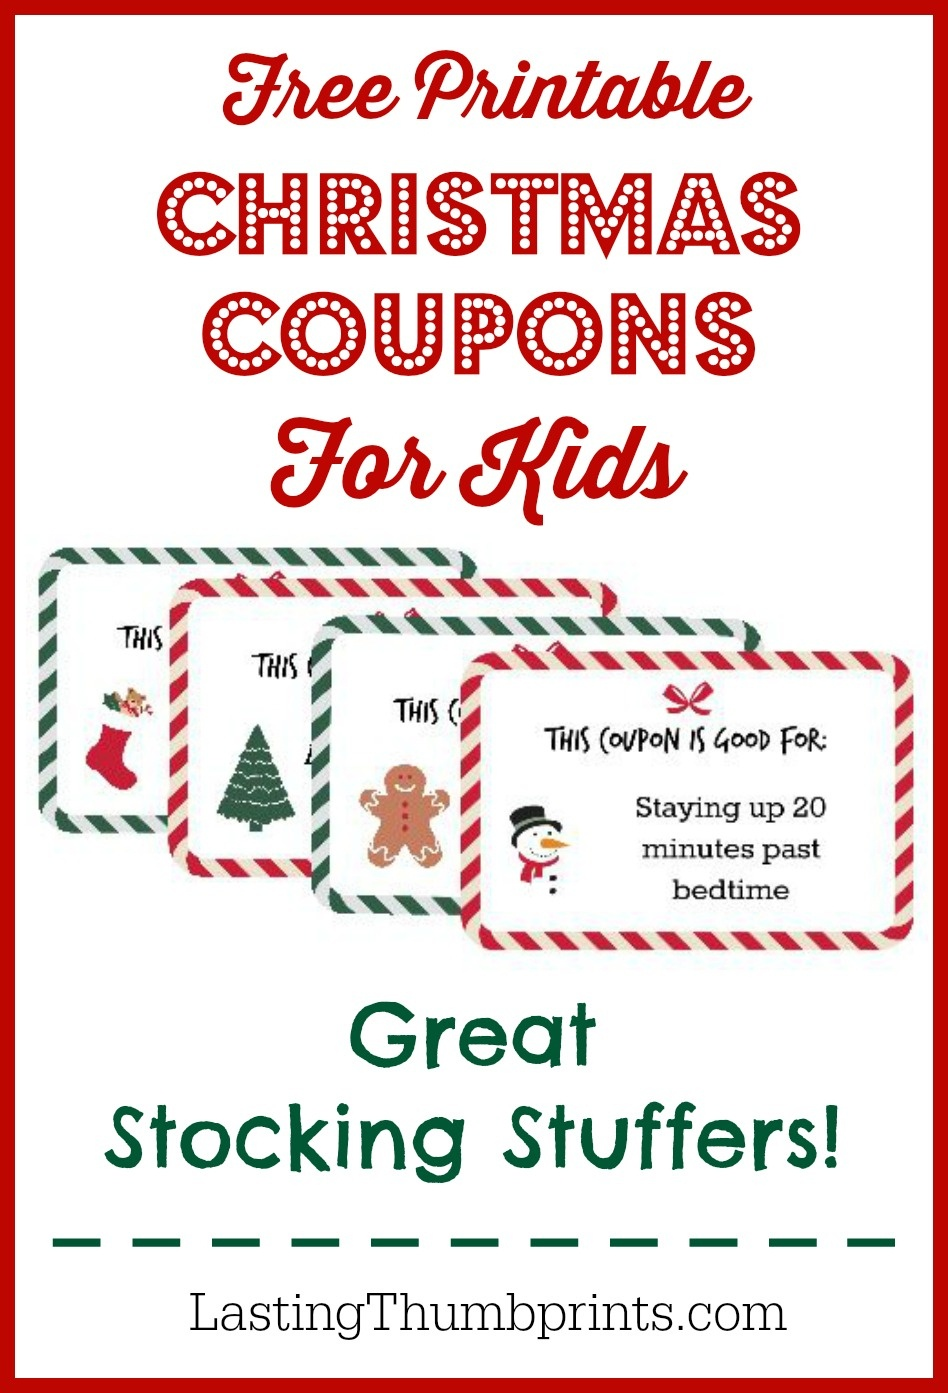 Christmas Coupons For Kids - Free Printable! - Free Printable Coupons 2014